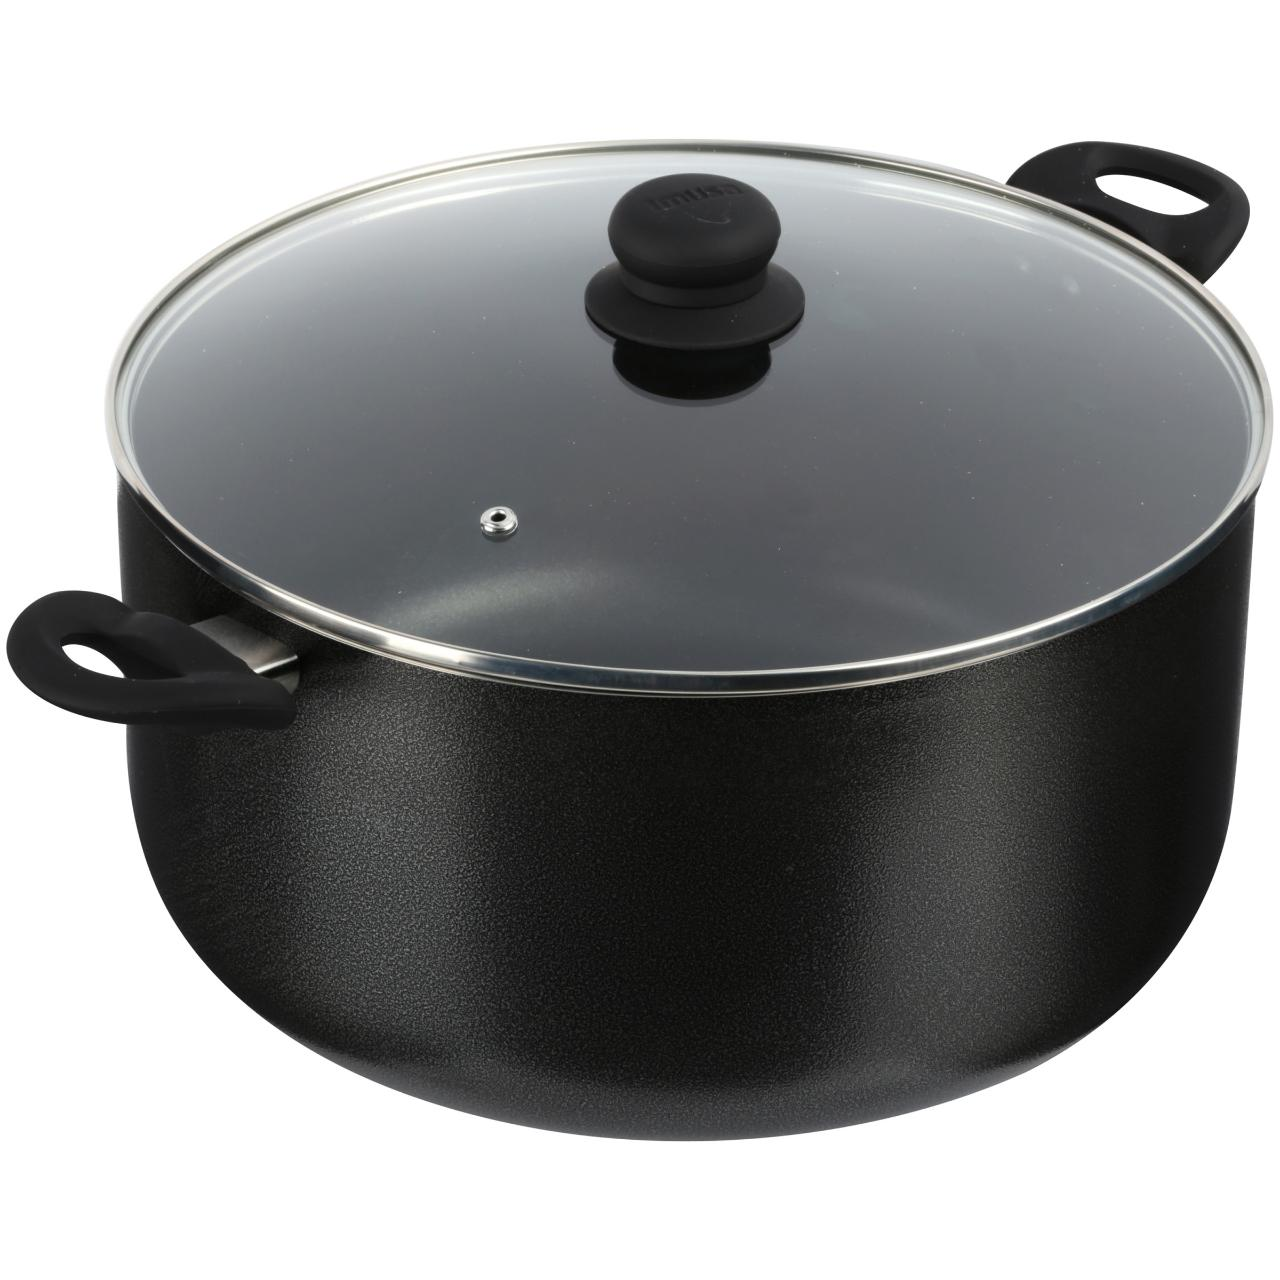 Pot - 12.5 QT